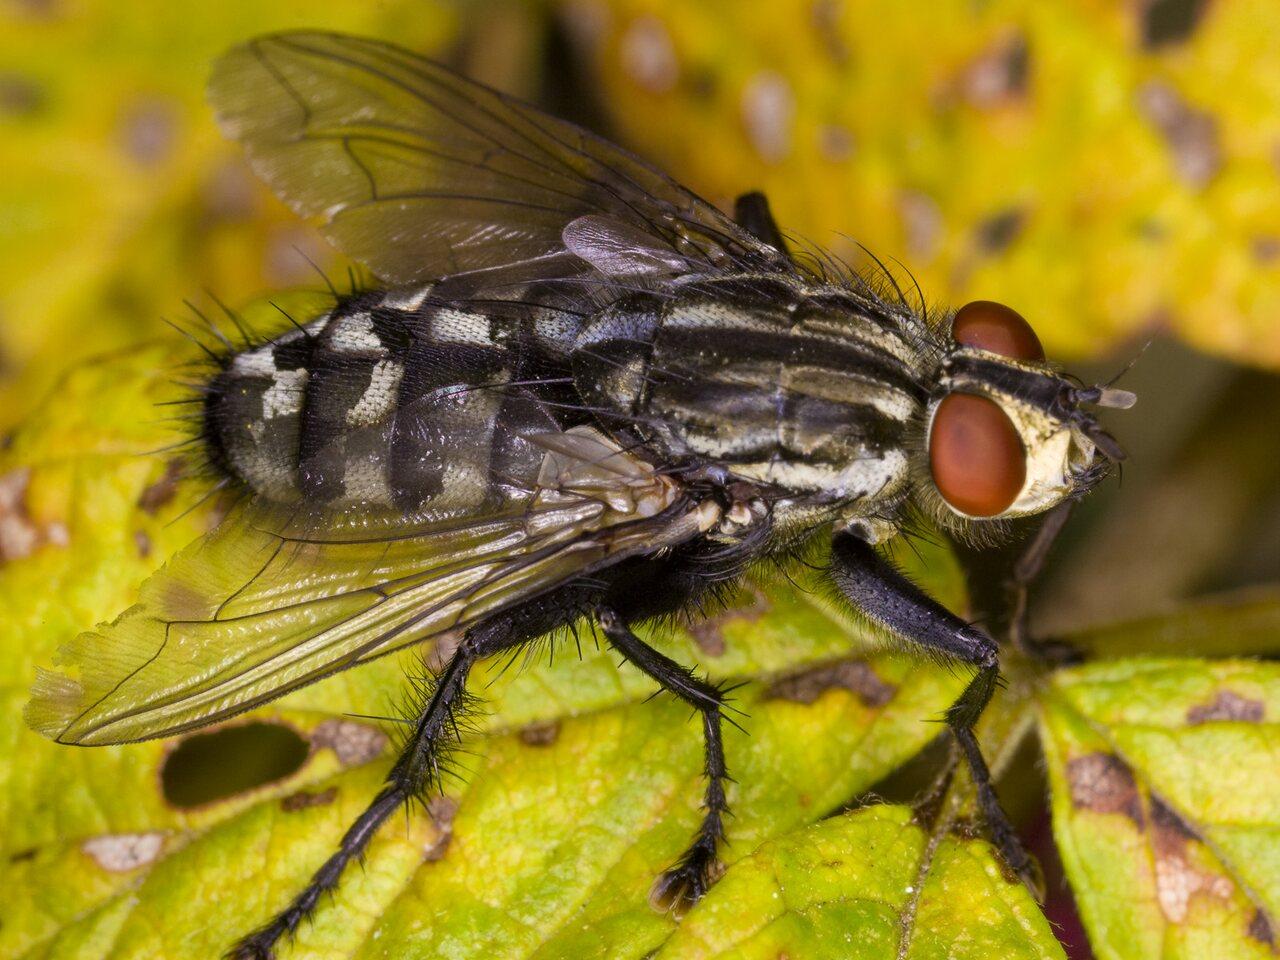 Sarcophaga-4002-Diptera.jpg